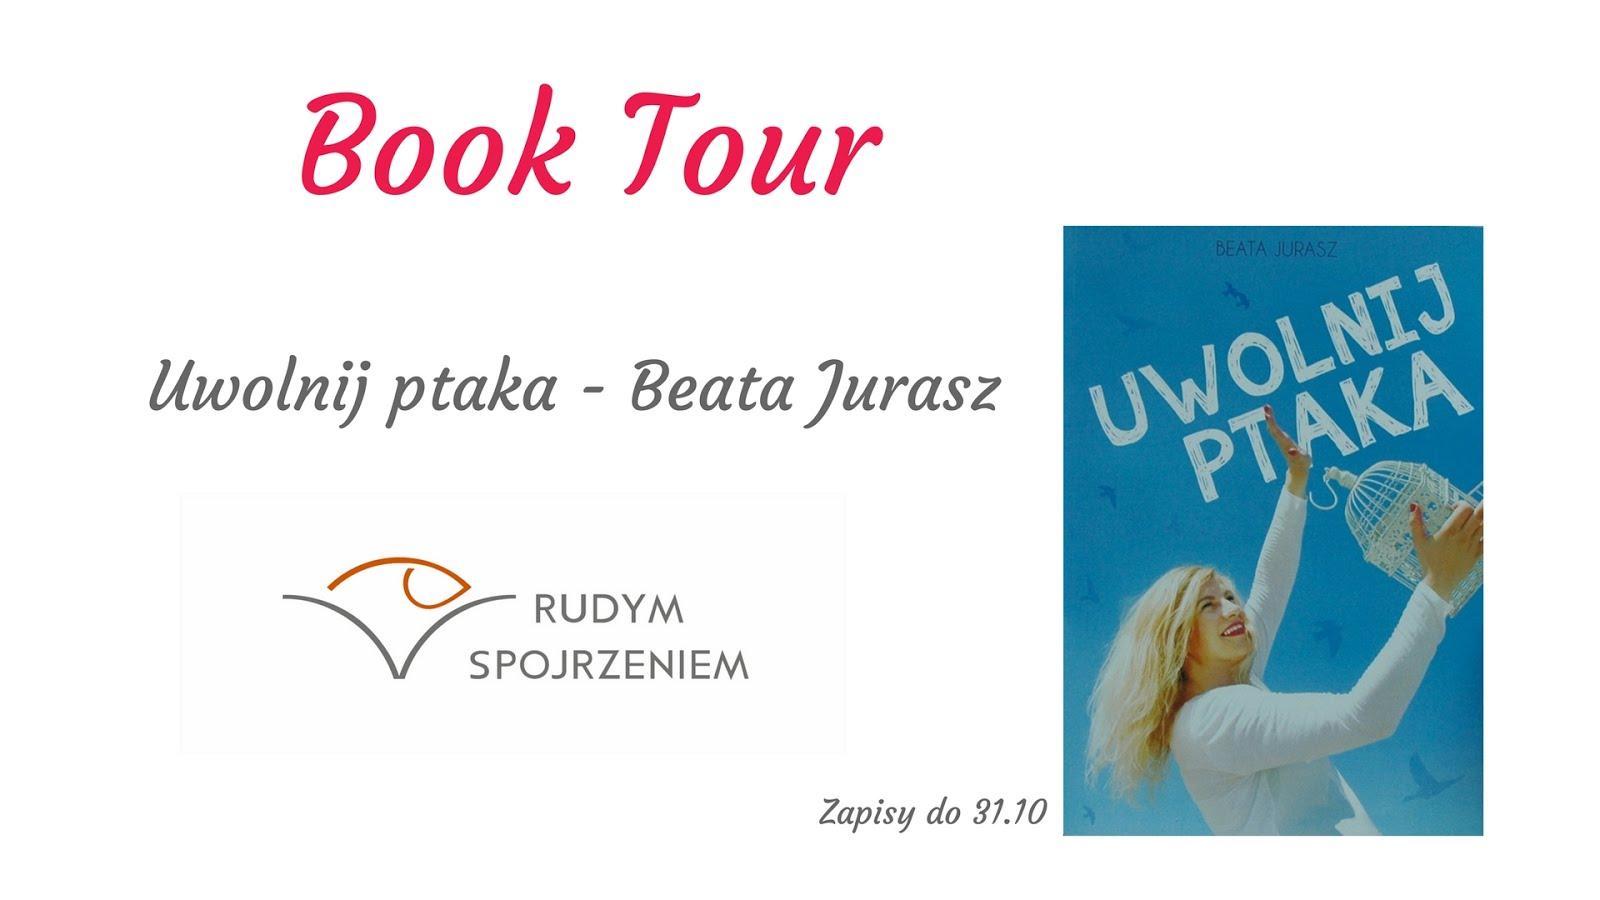 Book Tour - przeczytaj Uwolnij Ptaka!